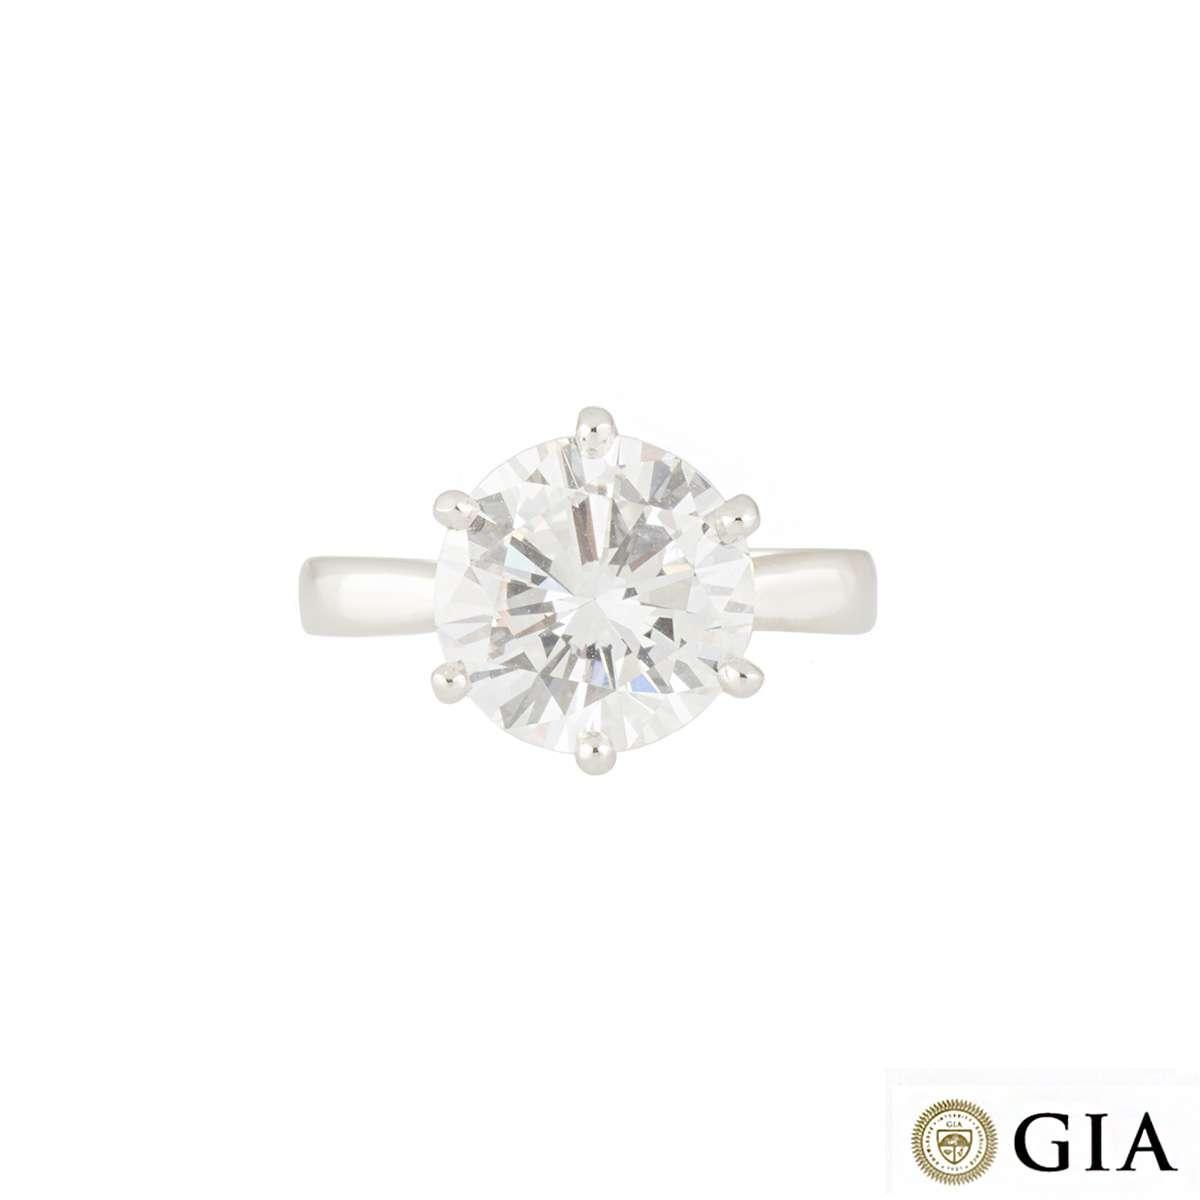 Diamond Ring in Platinum 4.57ct D/VS2